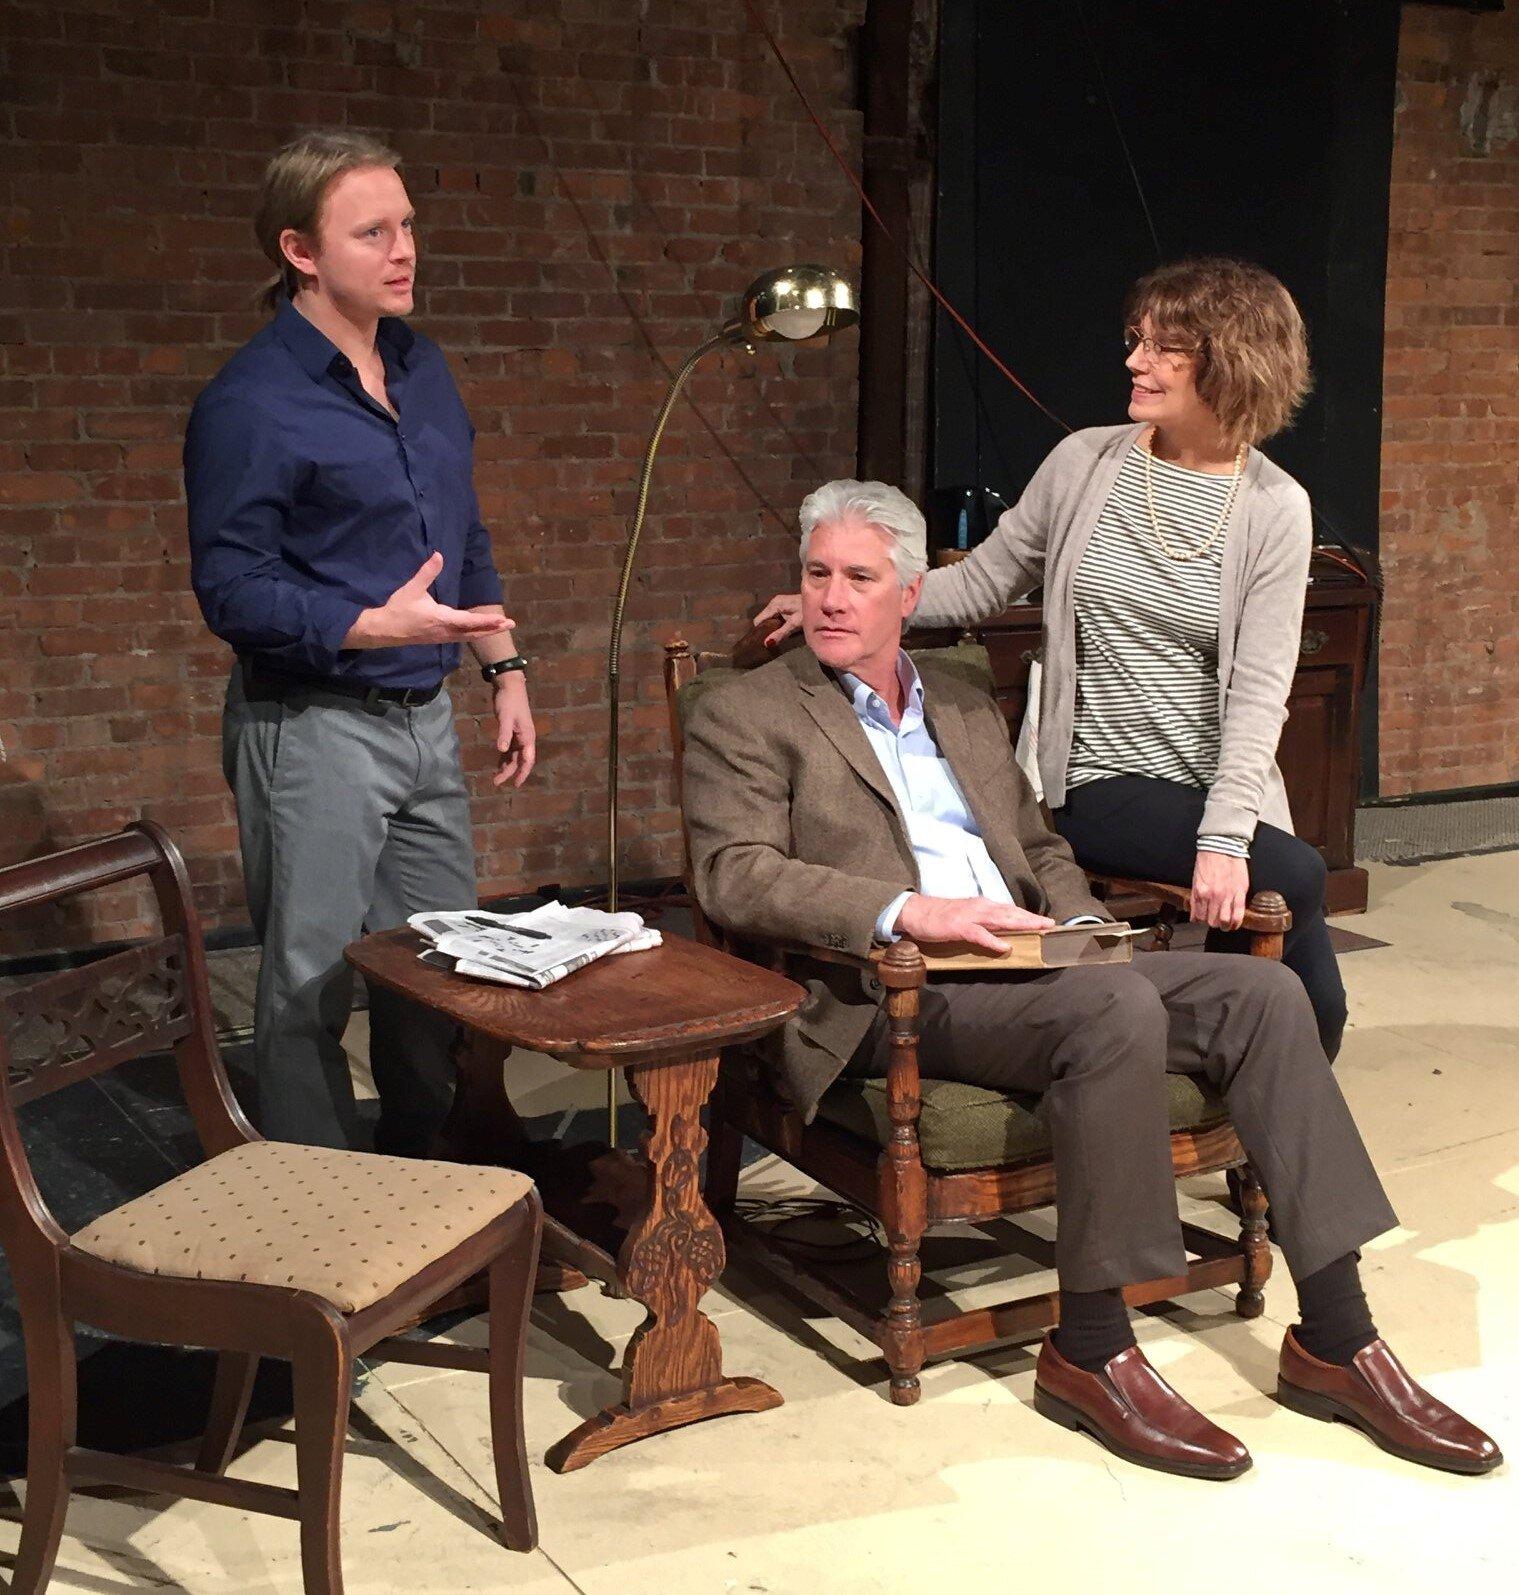 Kiel Stango (Jamie), George Kulp (Edward), Susan Kulp (Alice) in William Nicholson's  The Retreat from Moscow